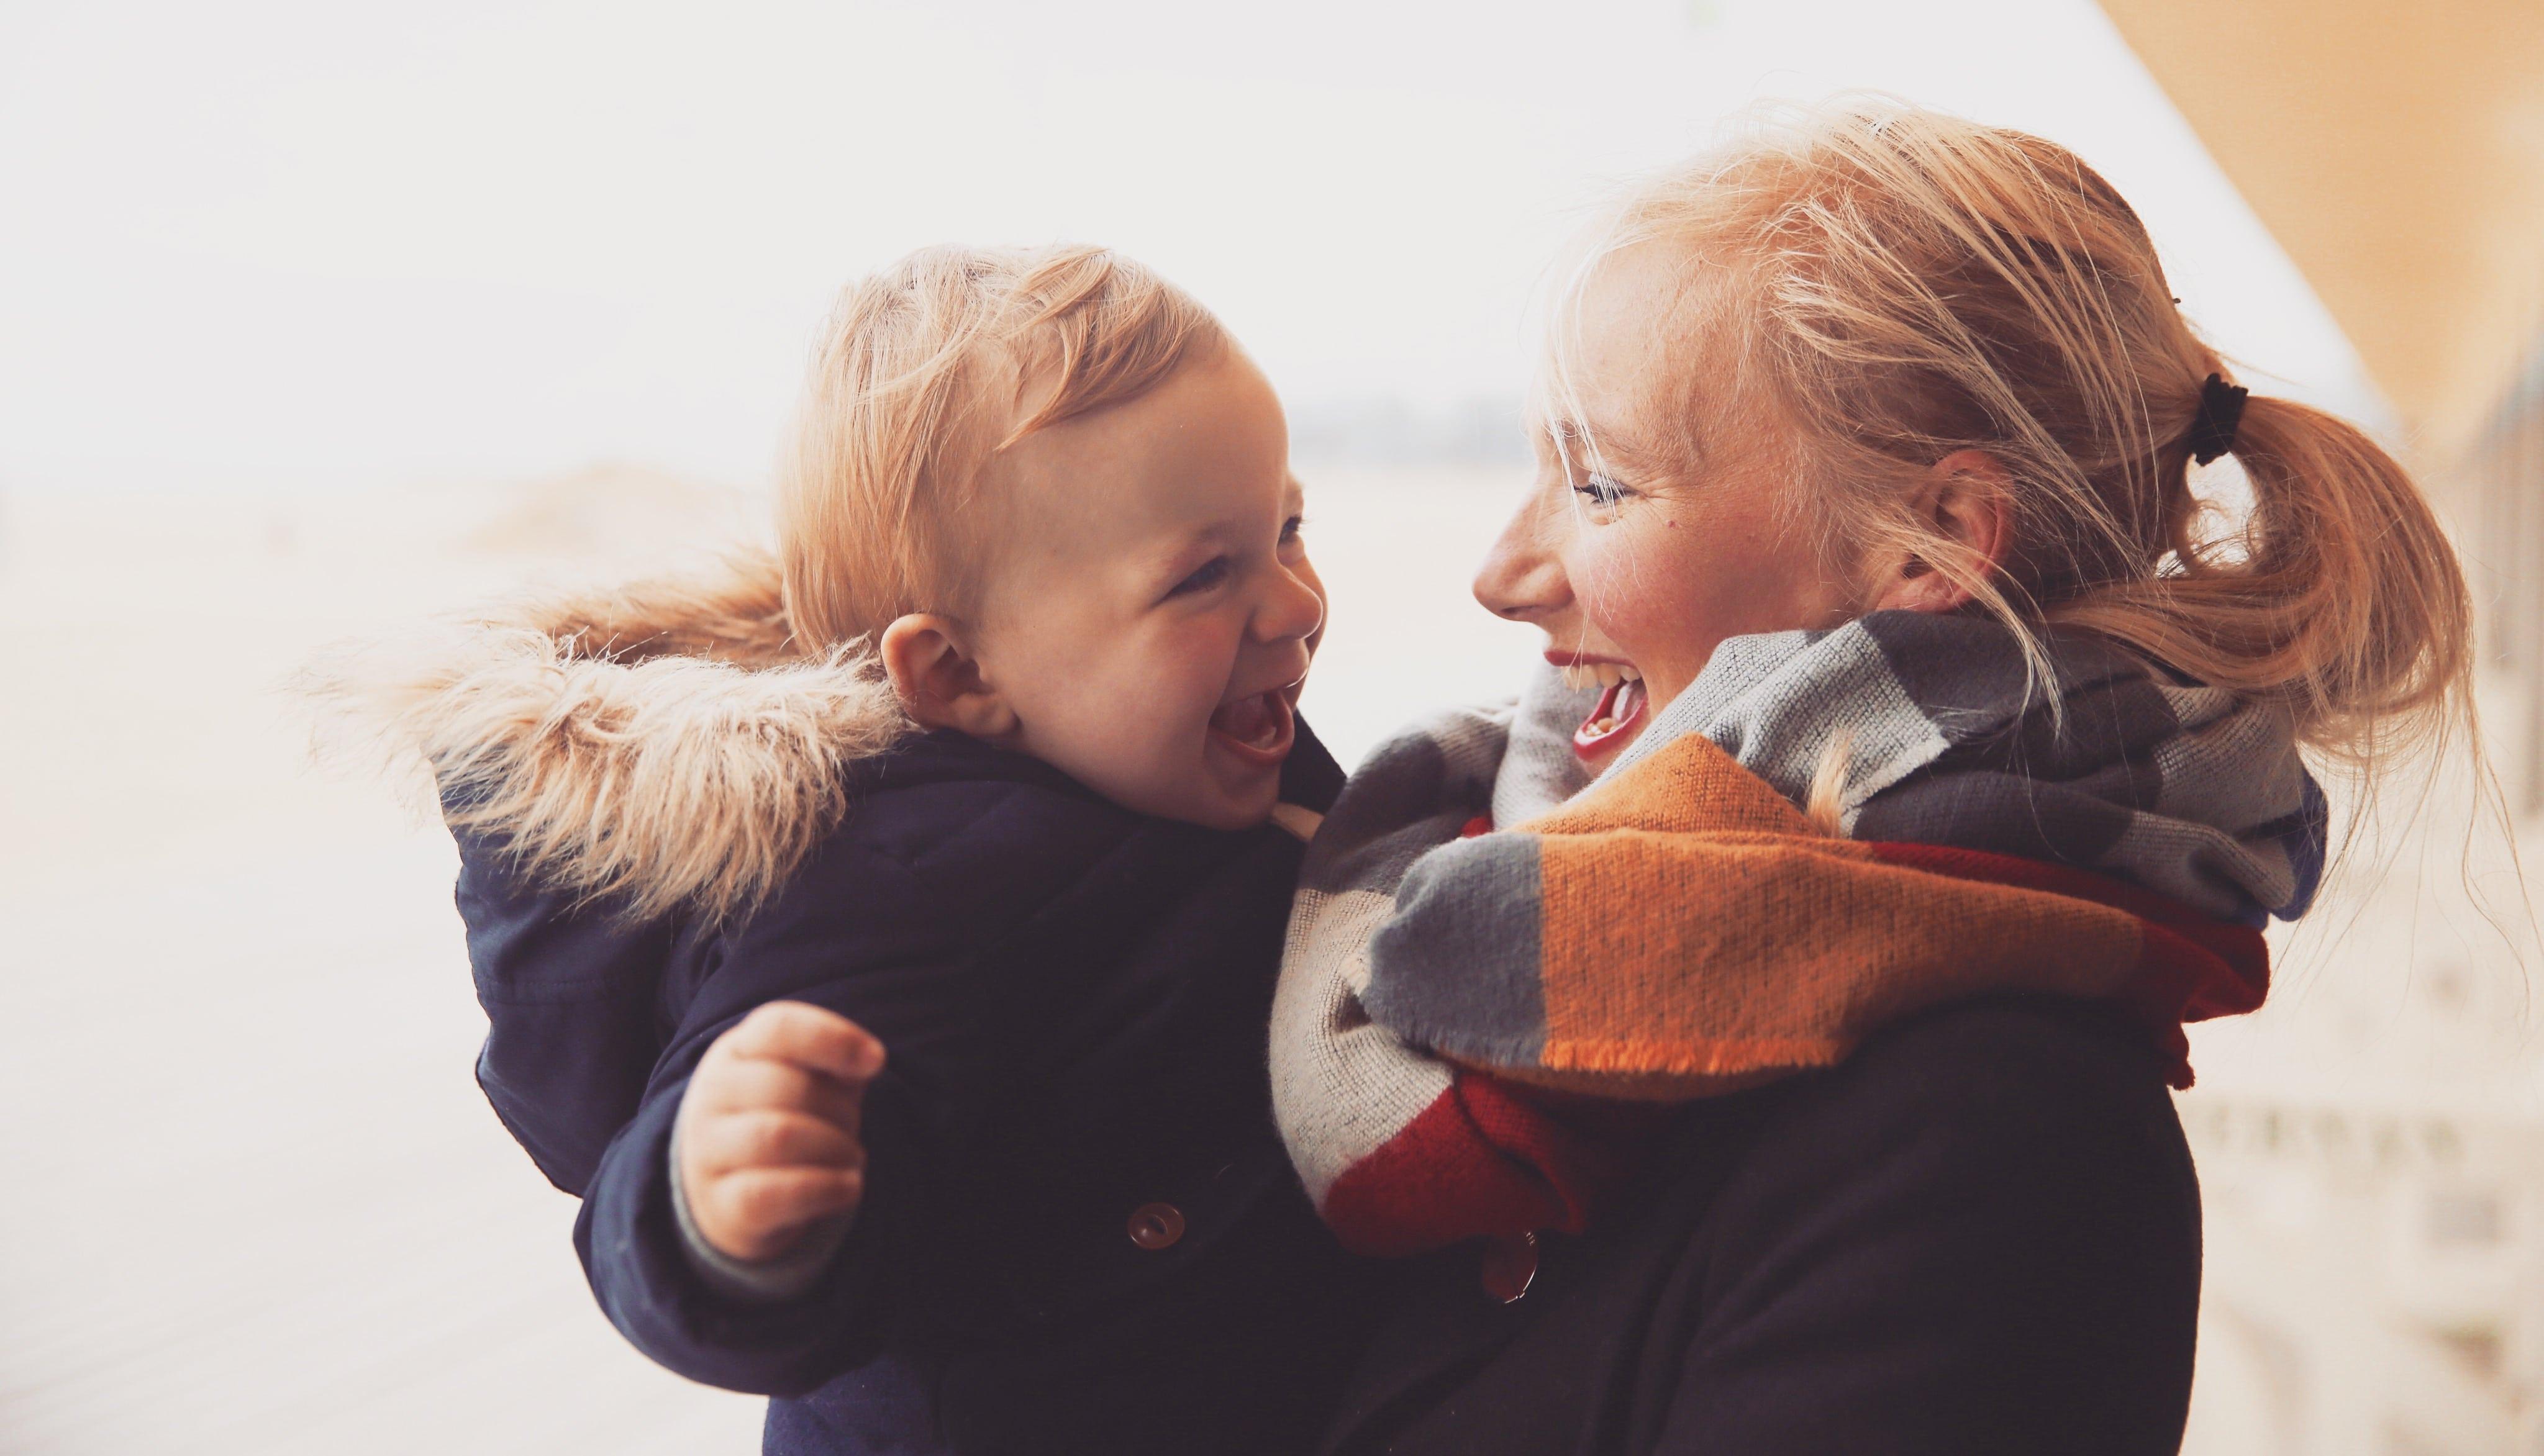 Stéphanie, maman de Valentin, 3 ans, enceinte de son deuxième baby – Serial traveleuse , en expatriation à Miami.